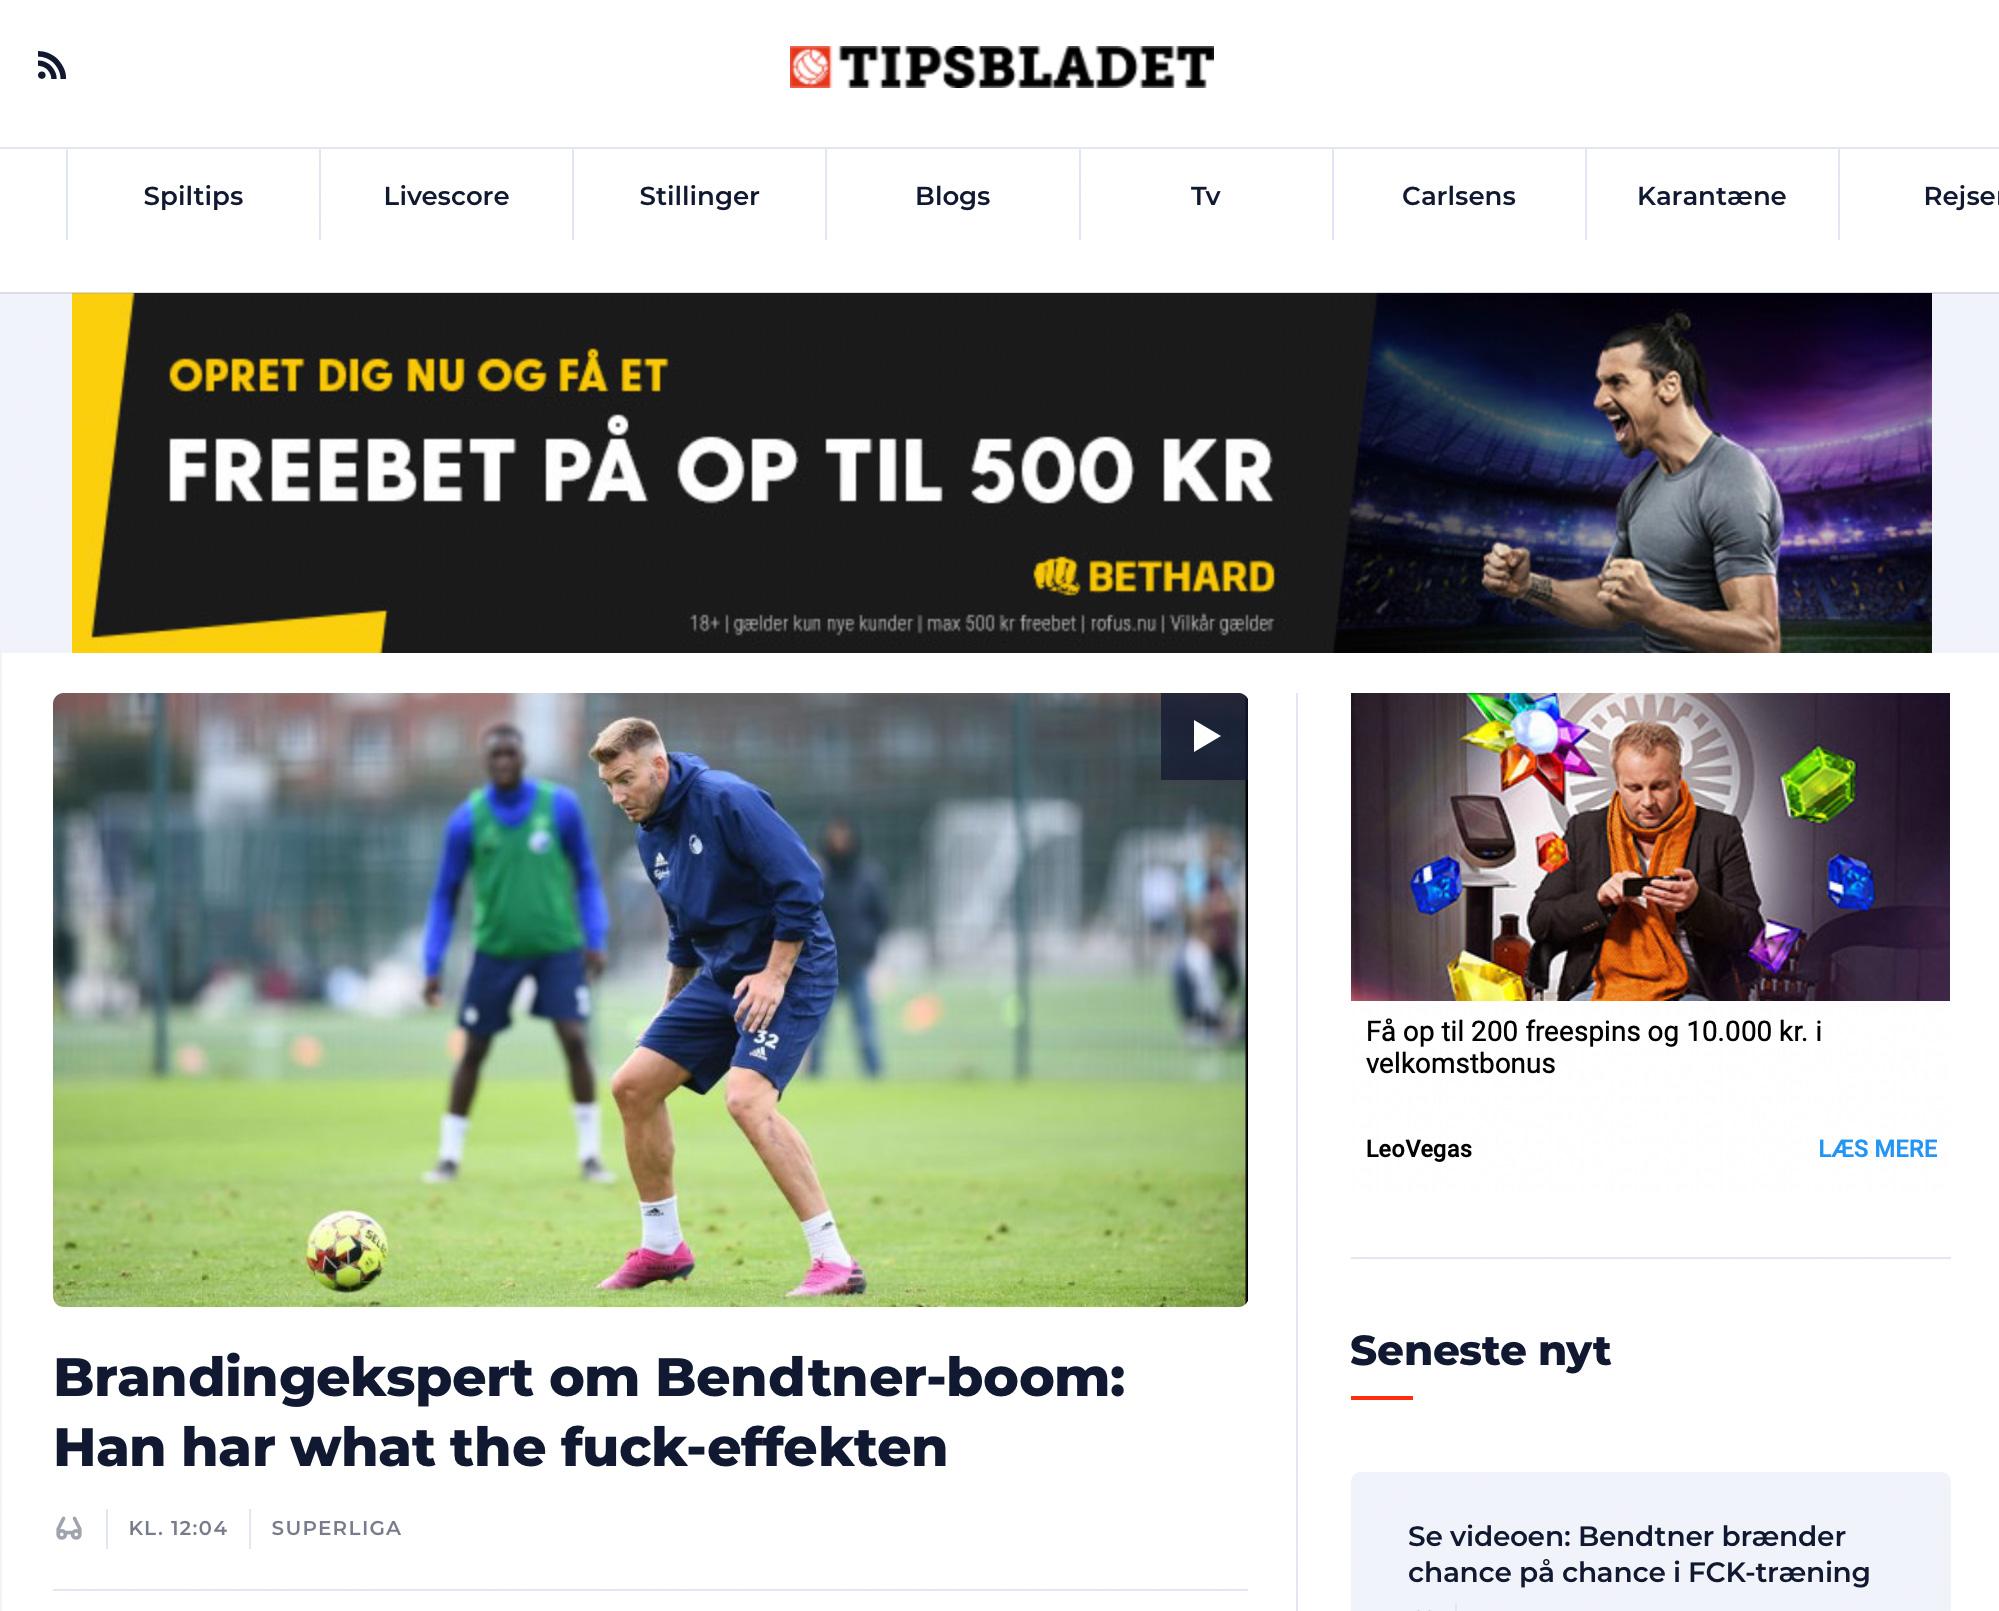 The-Brand-Agency-om-Niklas-Bendtner-om-Branding-effekten.jpg